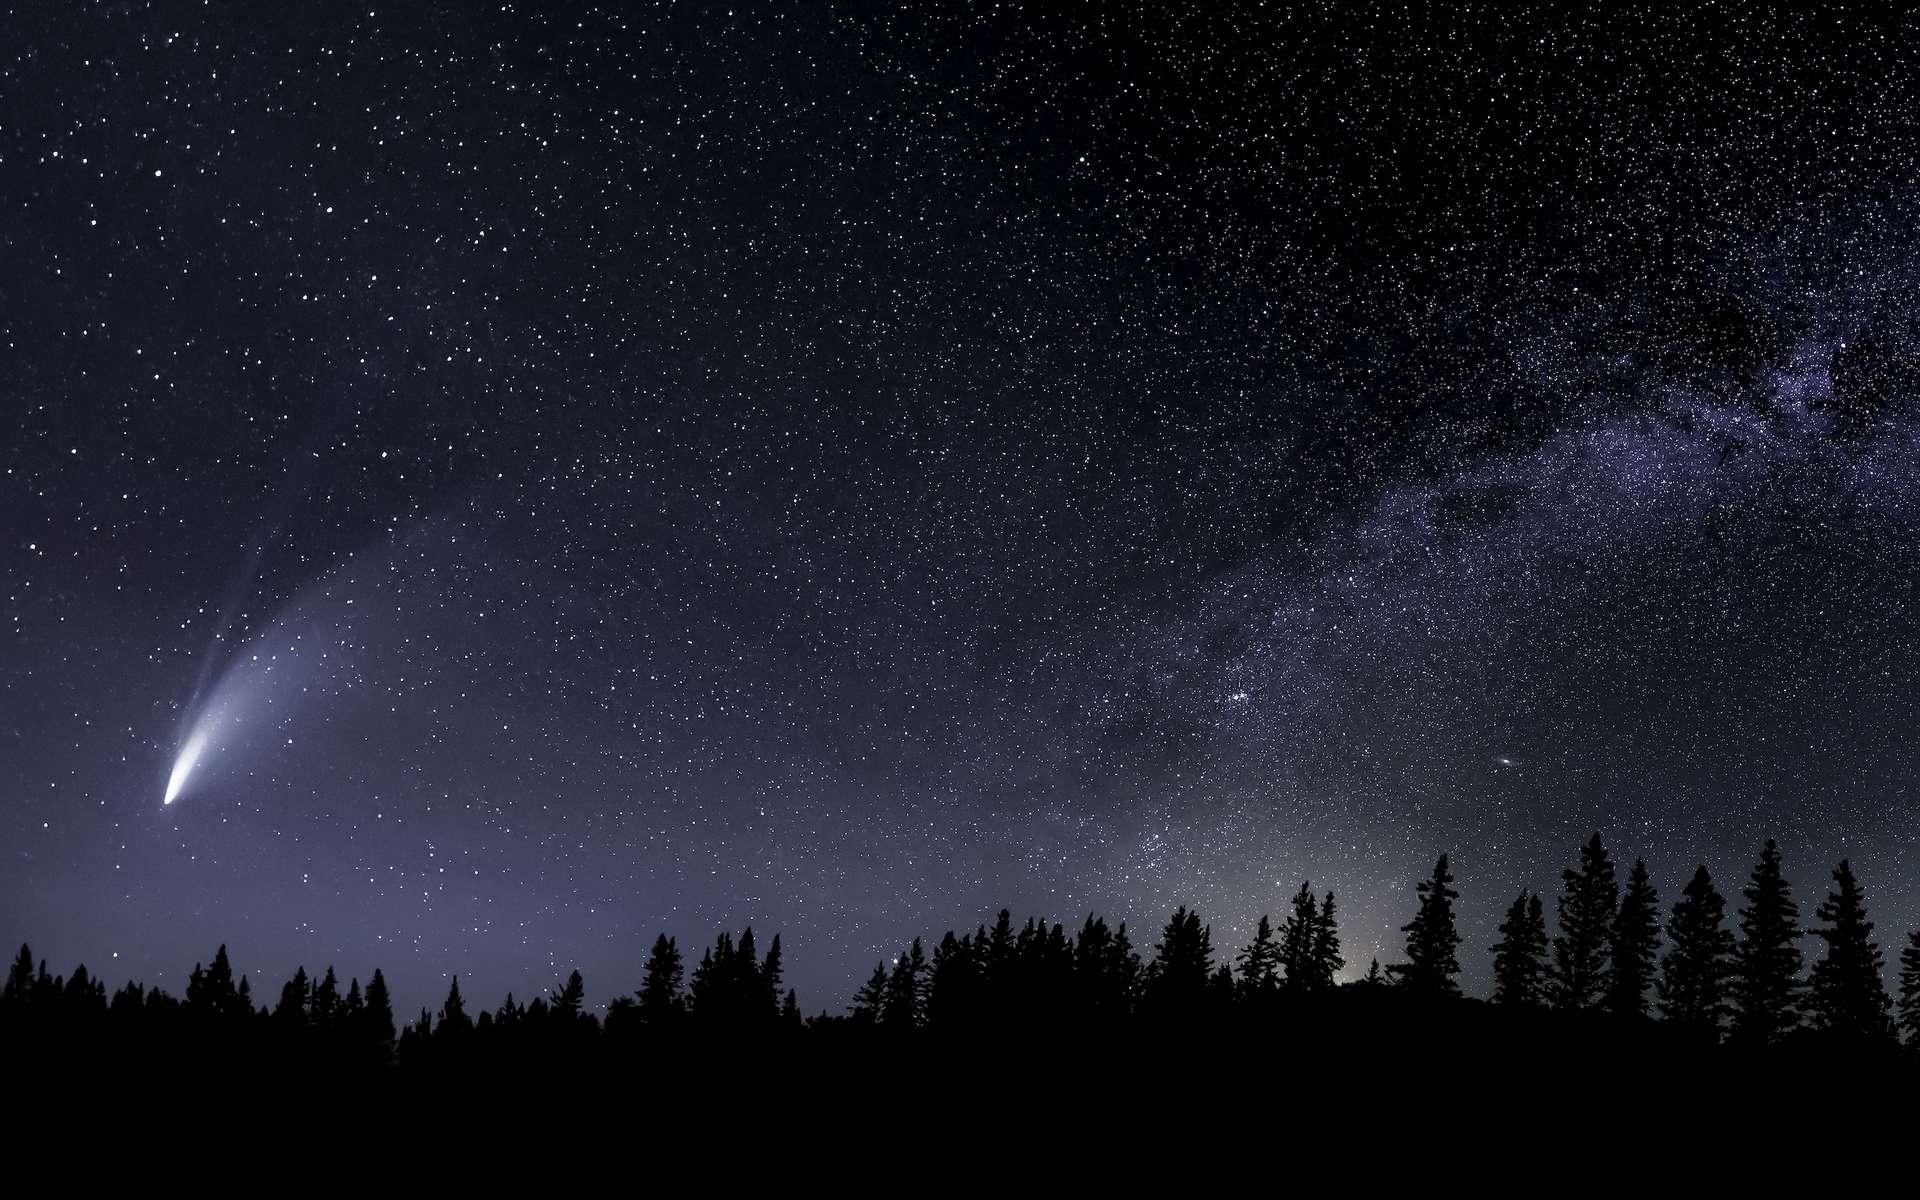 Une comète d'aspect semblable à celui de la comète interstellaire 2I/Borisov. © Craig Taylor Photo, Adobe Photo